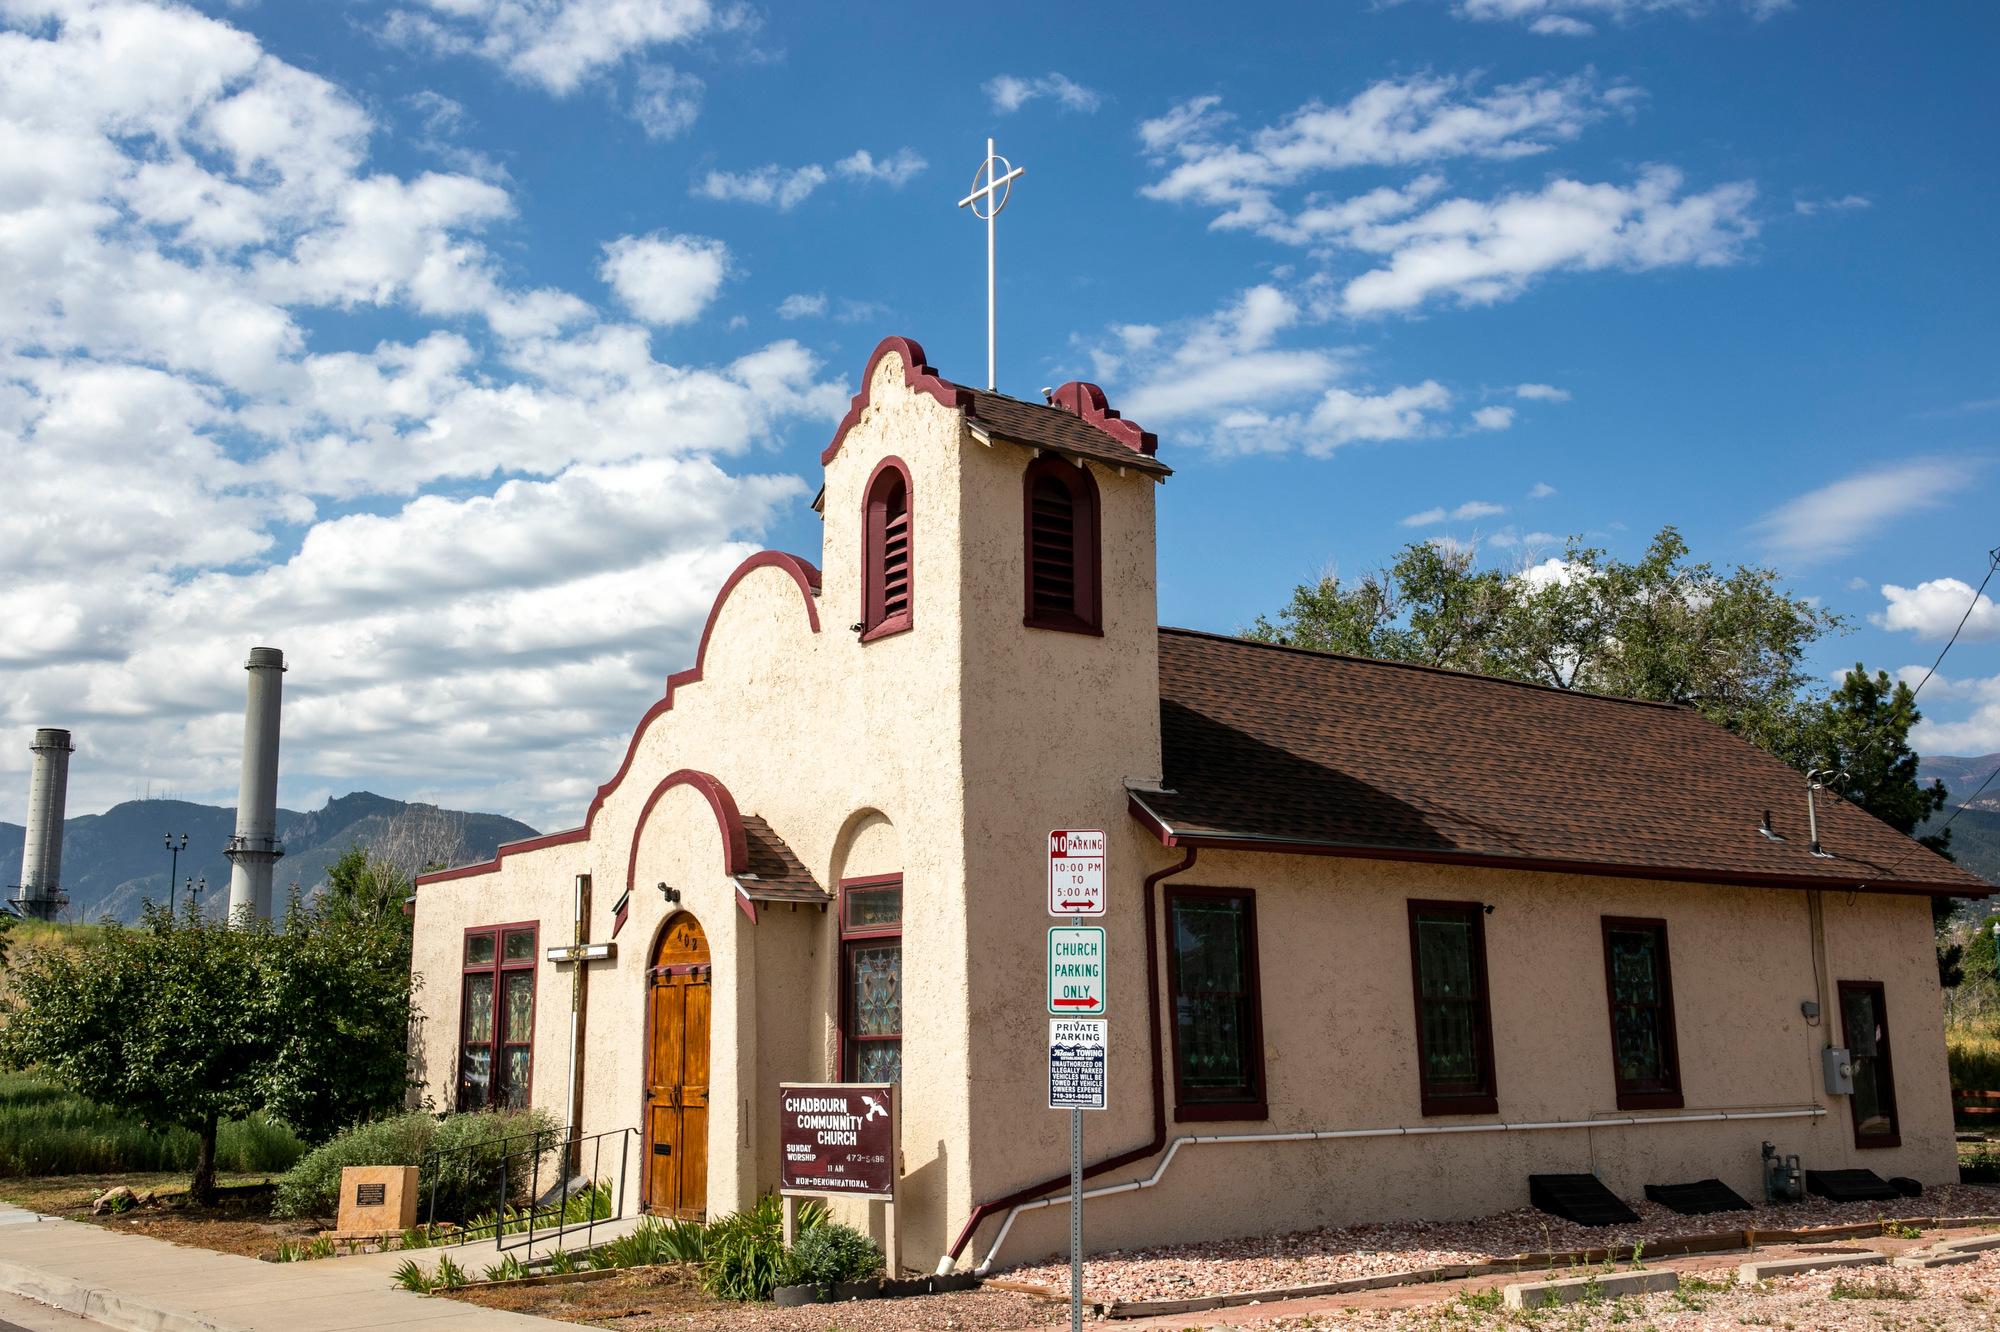 210729-CMOTR-COLORADO-SPRINGS-CONEJOS-CHURCH